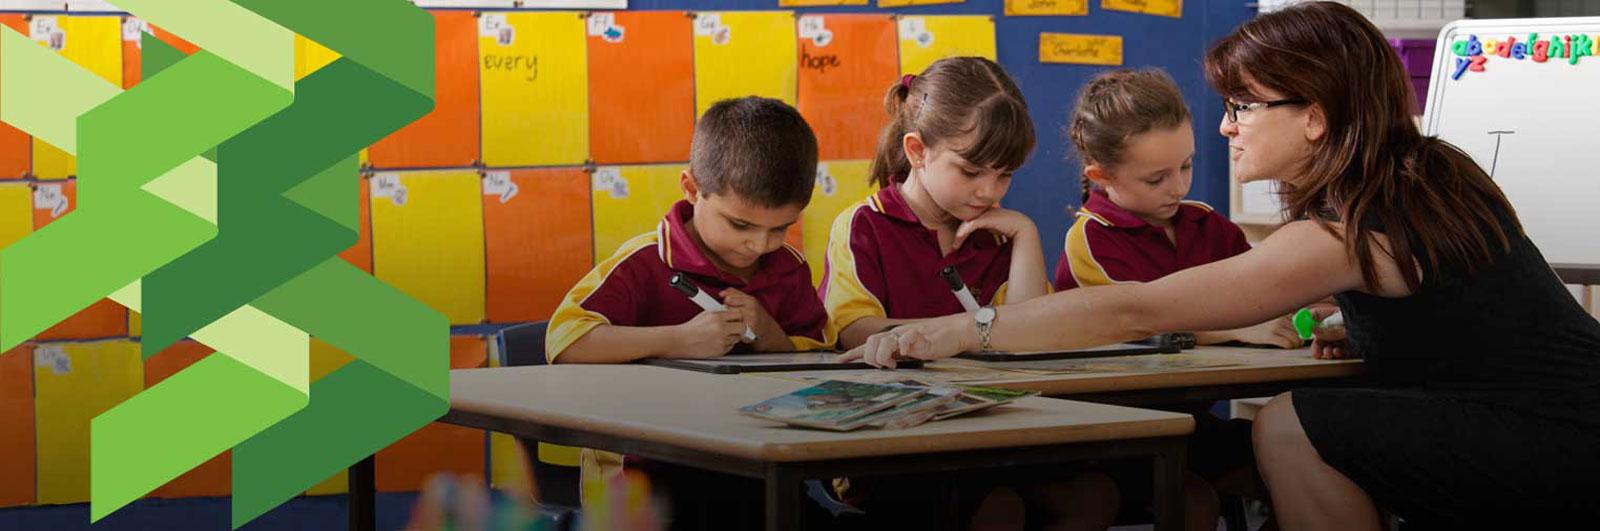 Mở lớp dạy thêm, có phải đăng ký?